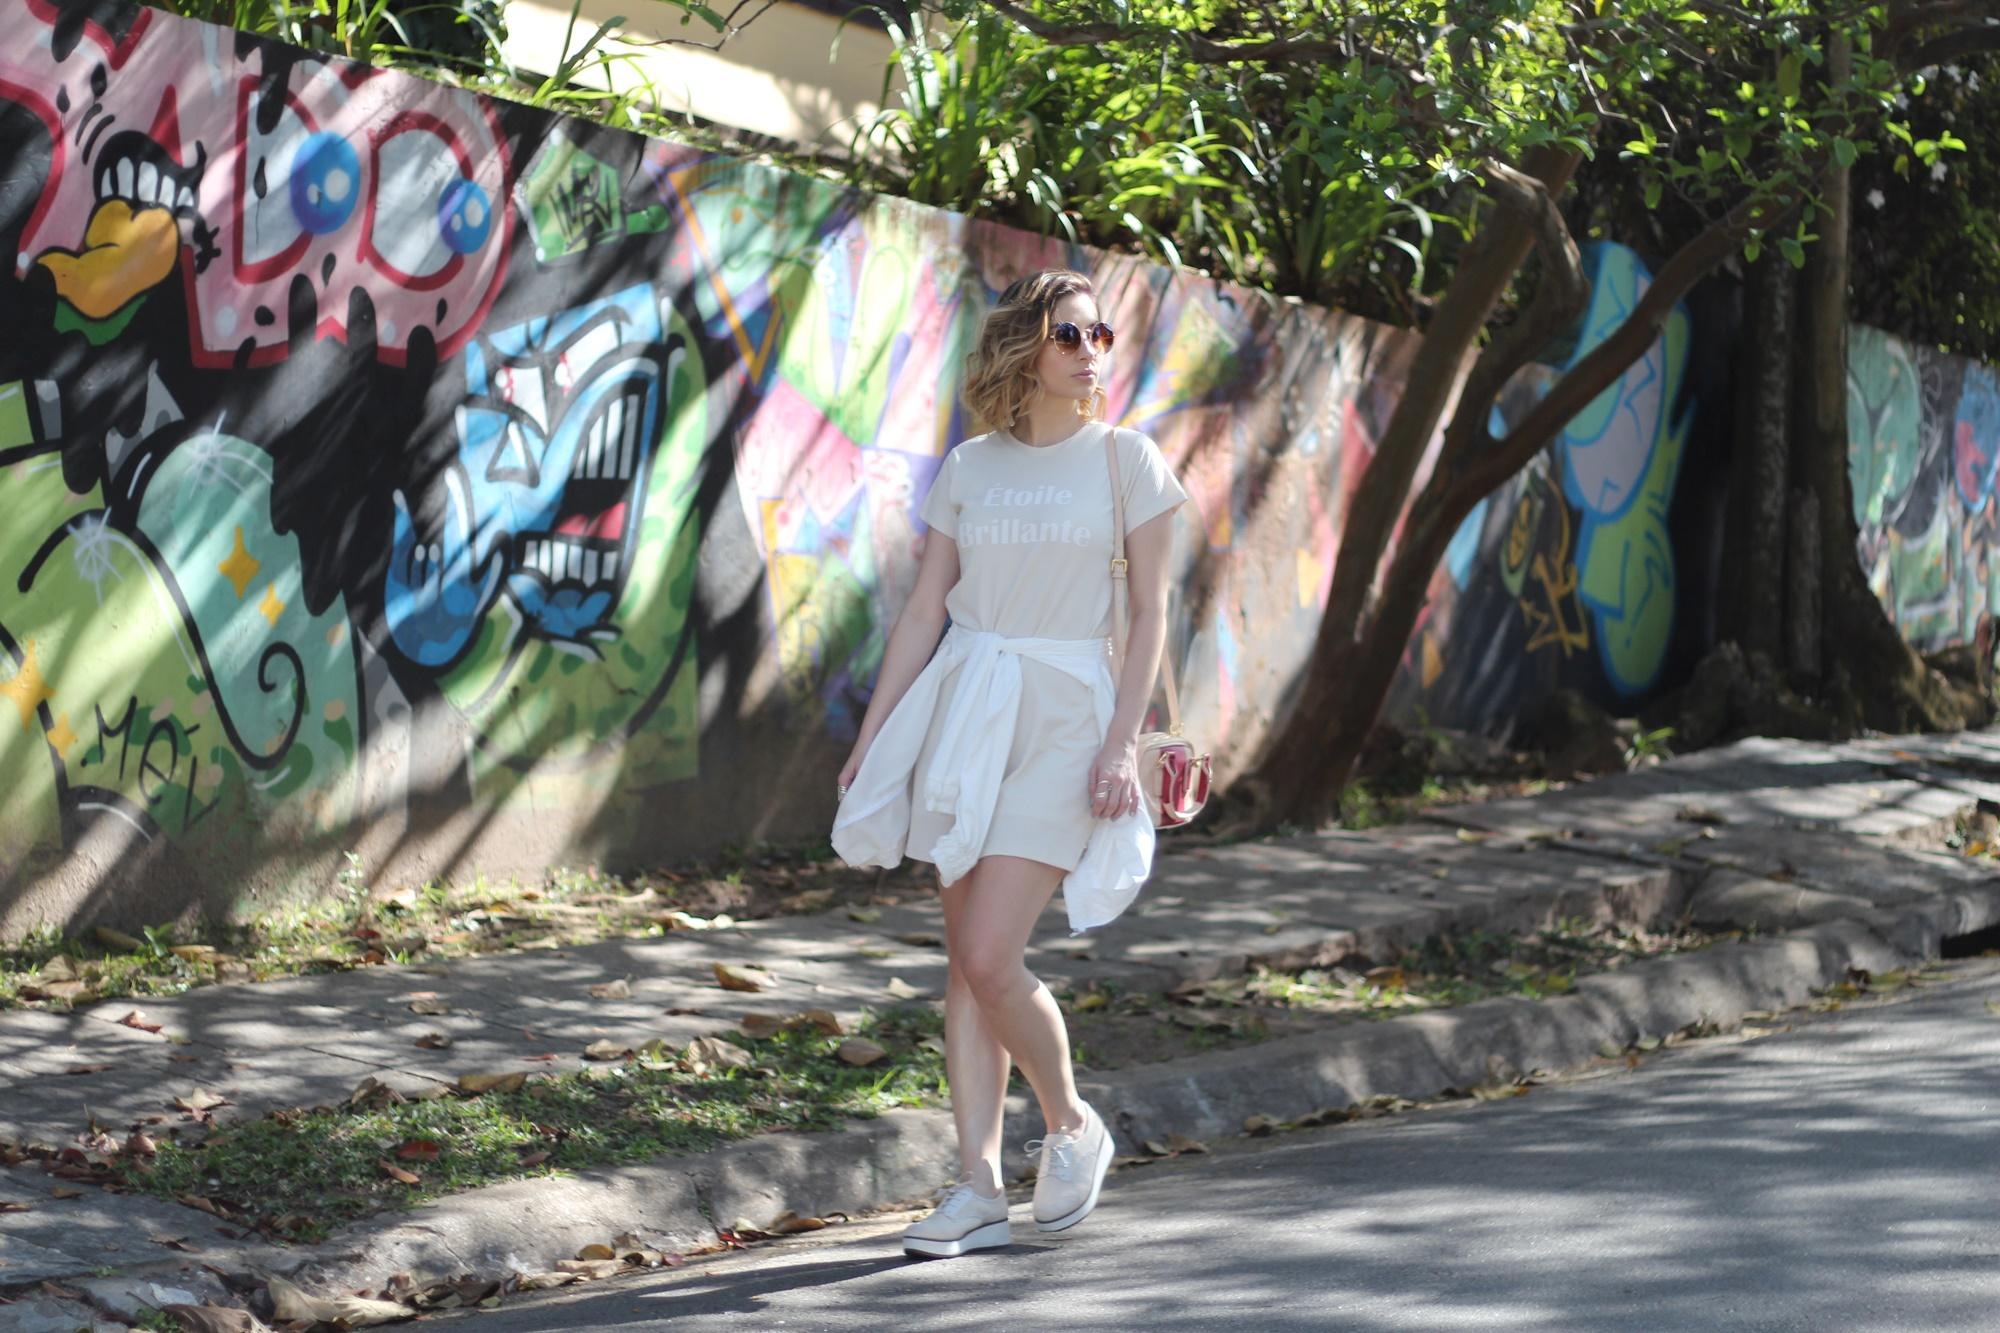 tendencia-verao-2016-vestido-camisao-bomber-blog-vanduarte-2